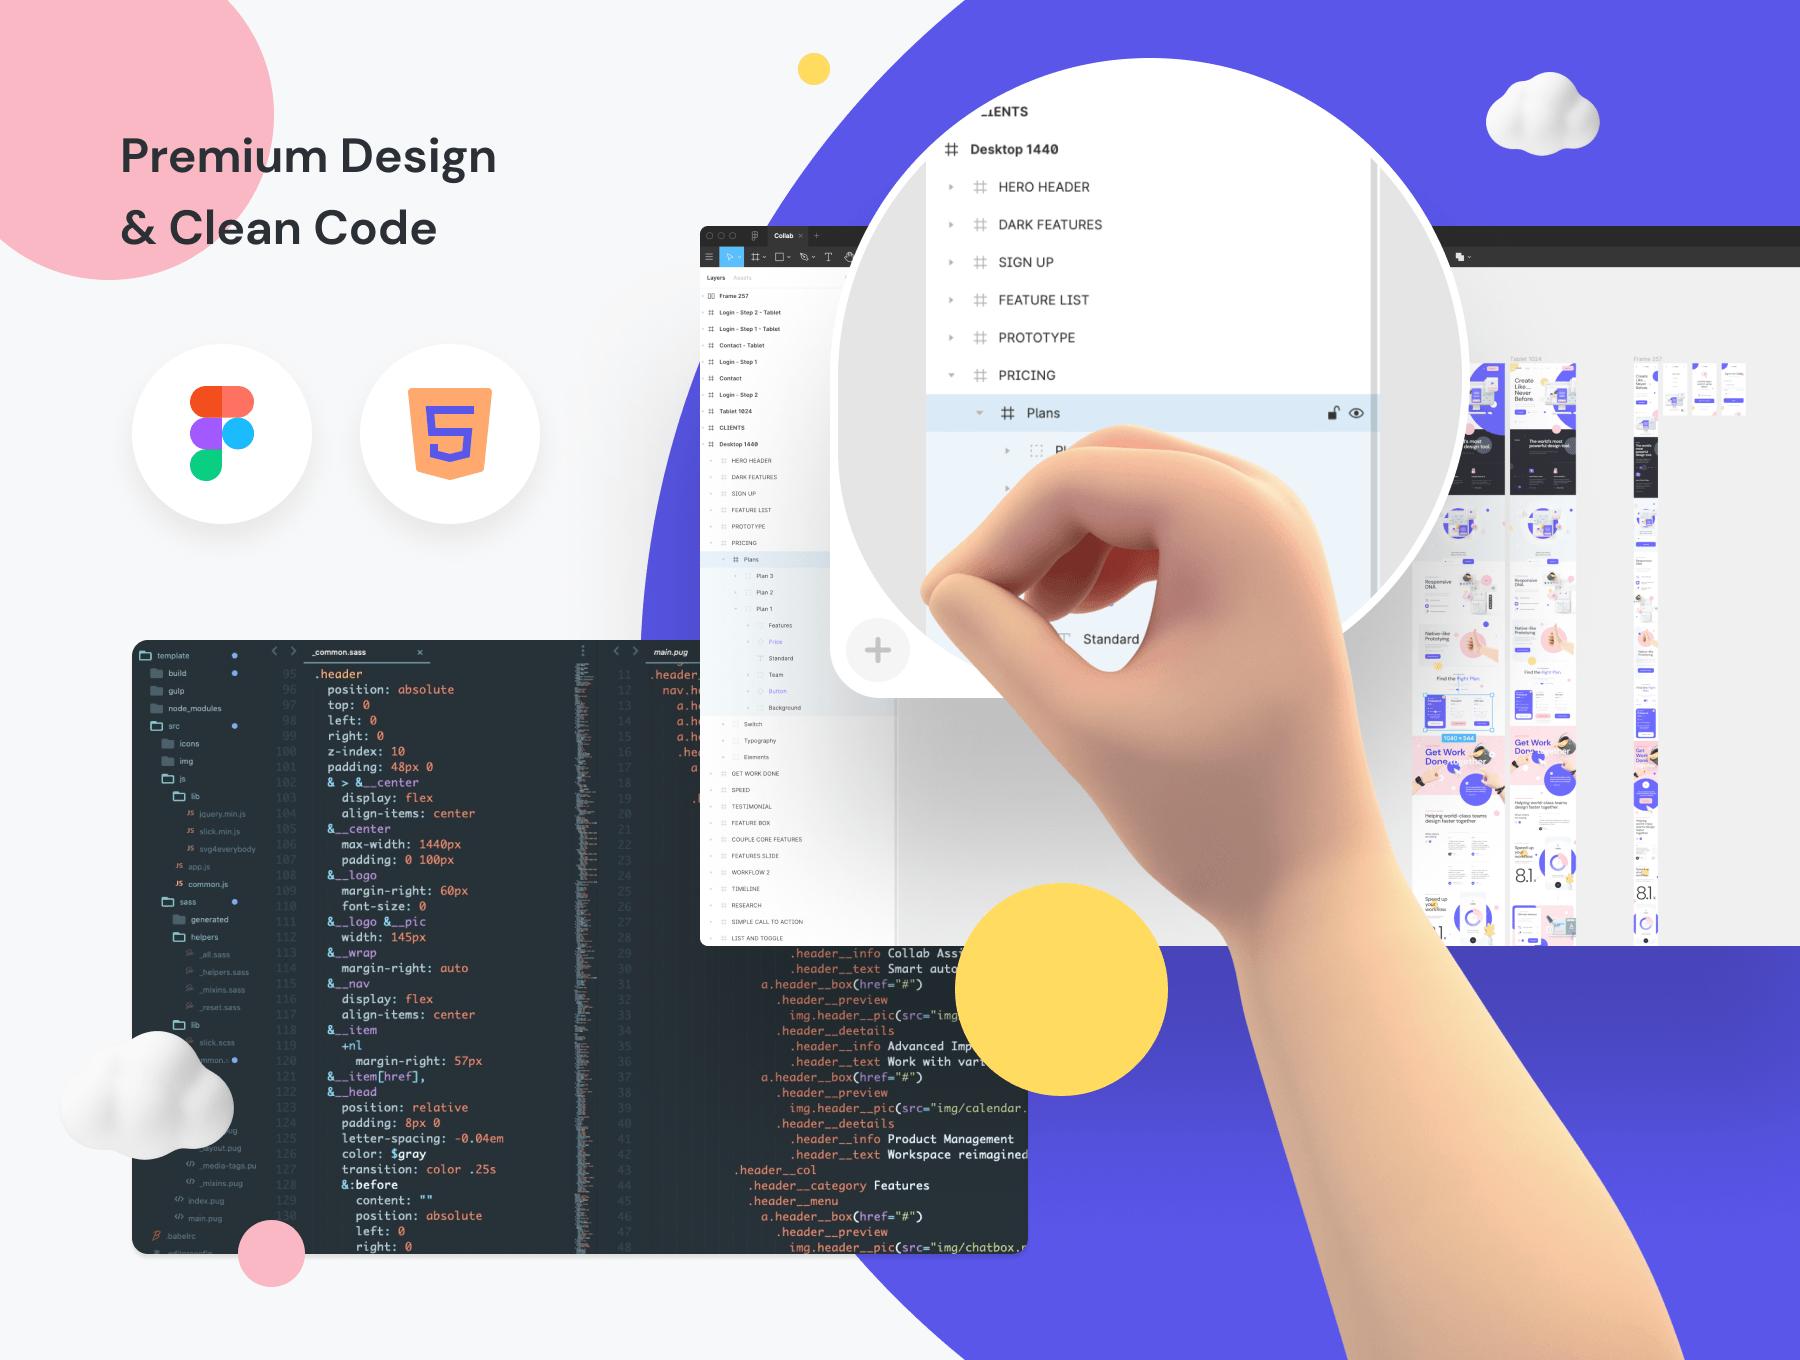 公司响应式设计网站设计素材模板